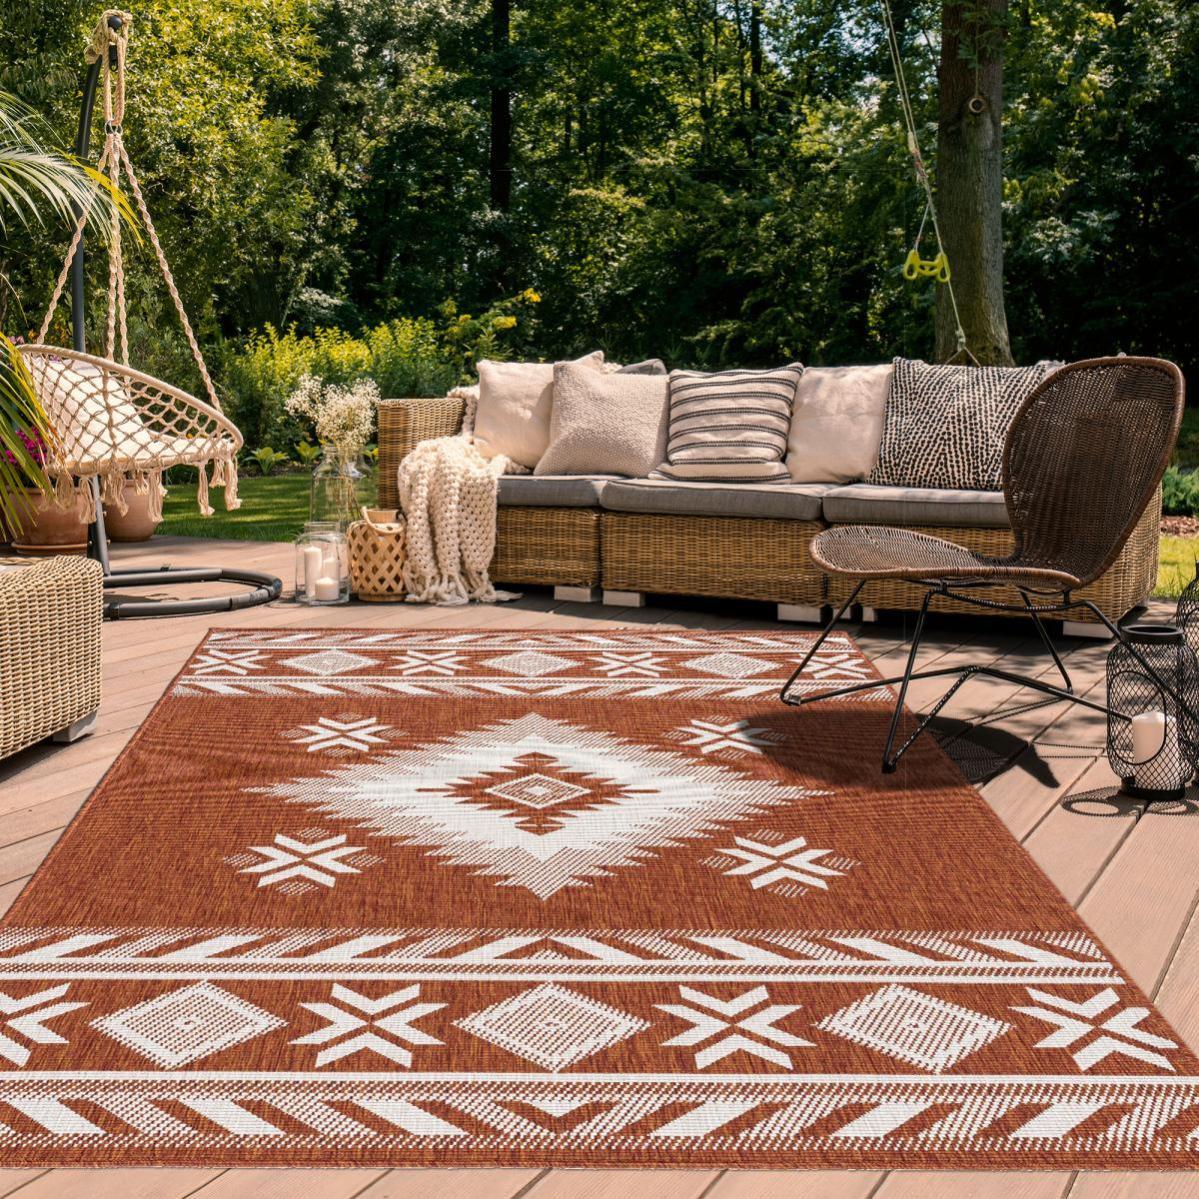 Tapis Exterieur 160x230 Cm, Brown Outdoor Carpet Menards